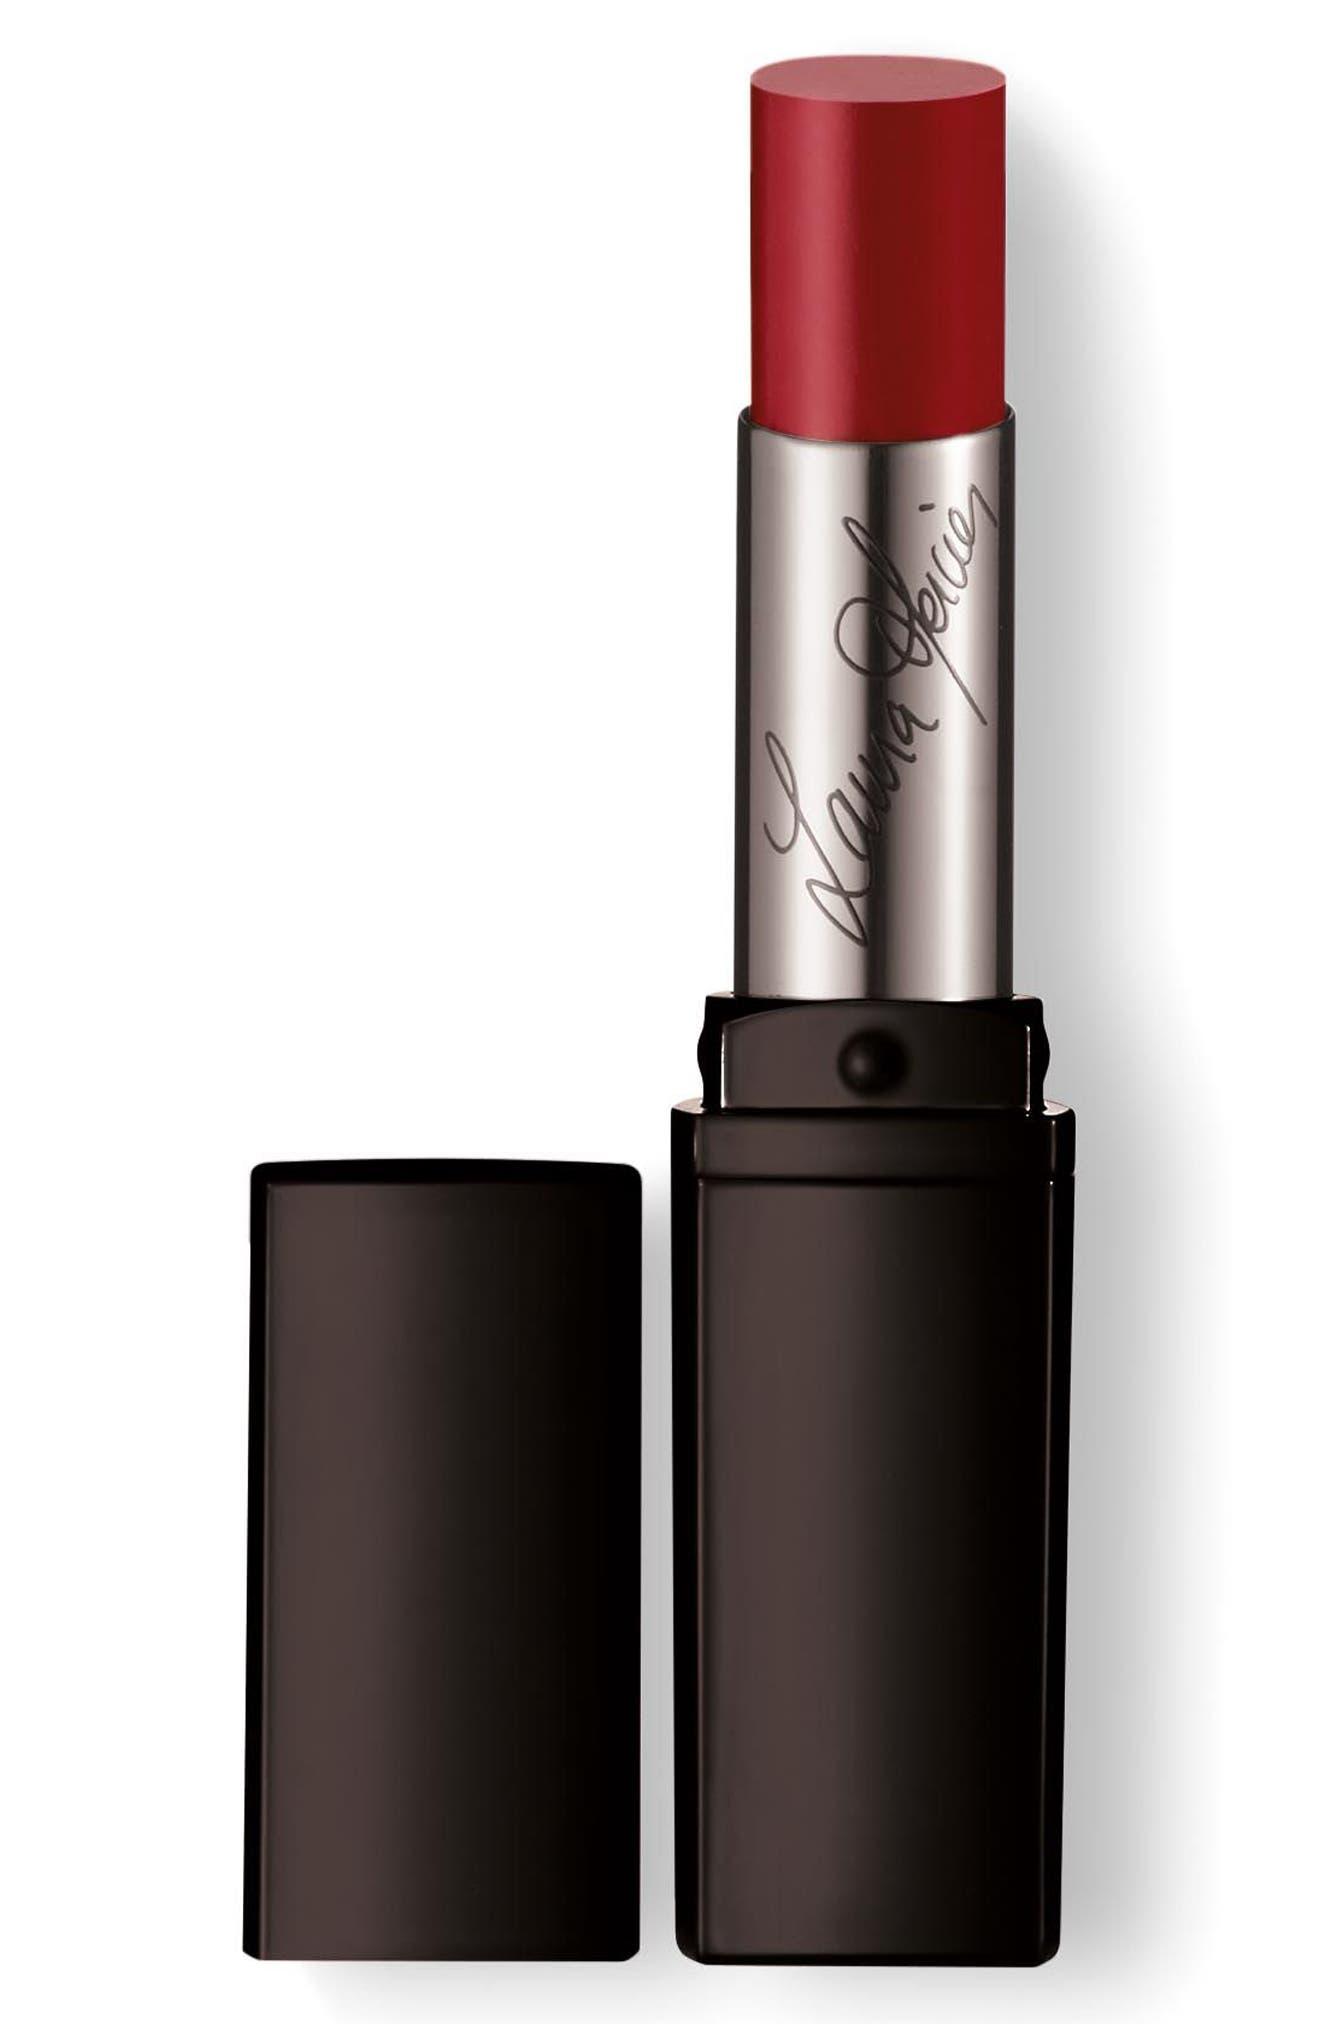 Alternate Image 1 Selected - Laura Mercier 'Lip Parfait' Creamy Colour Balm